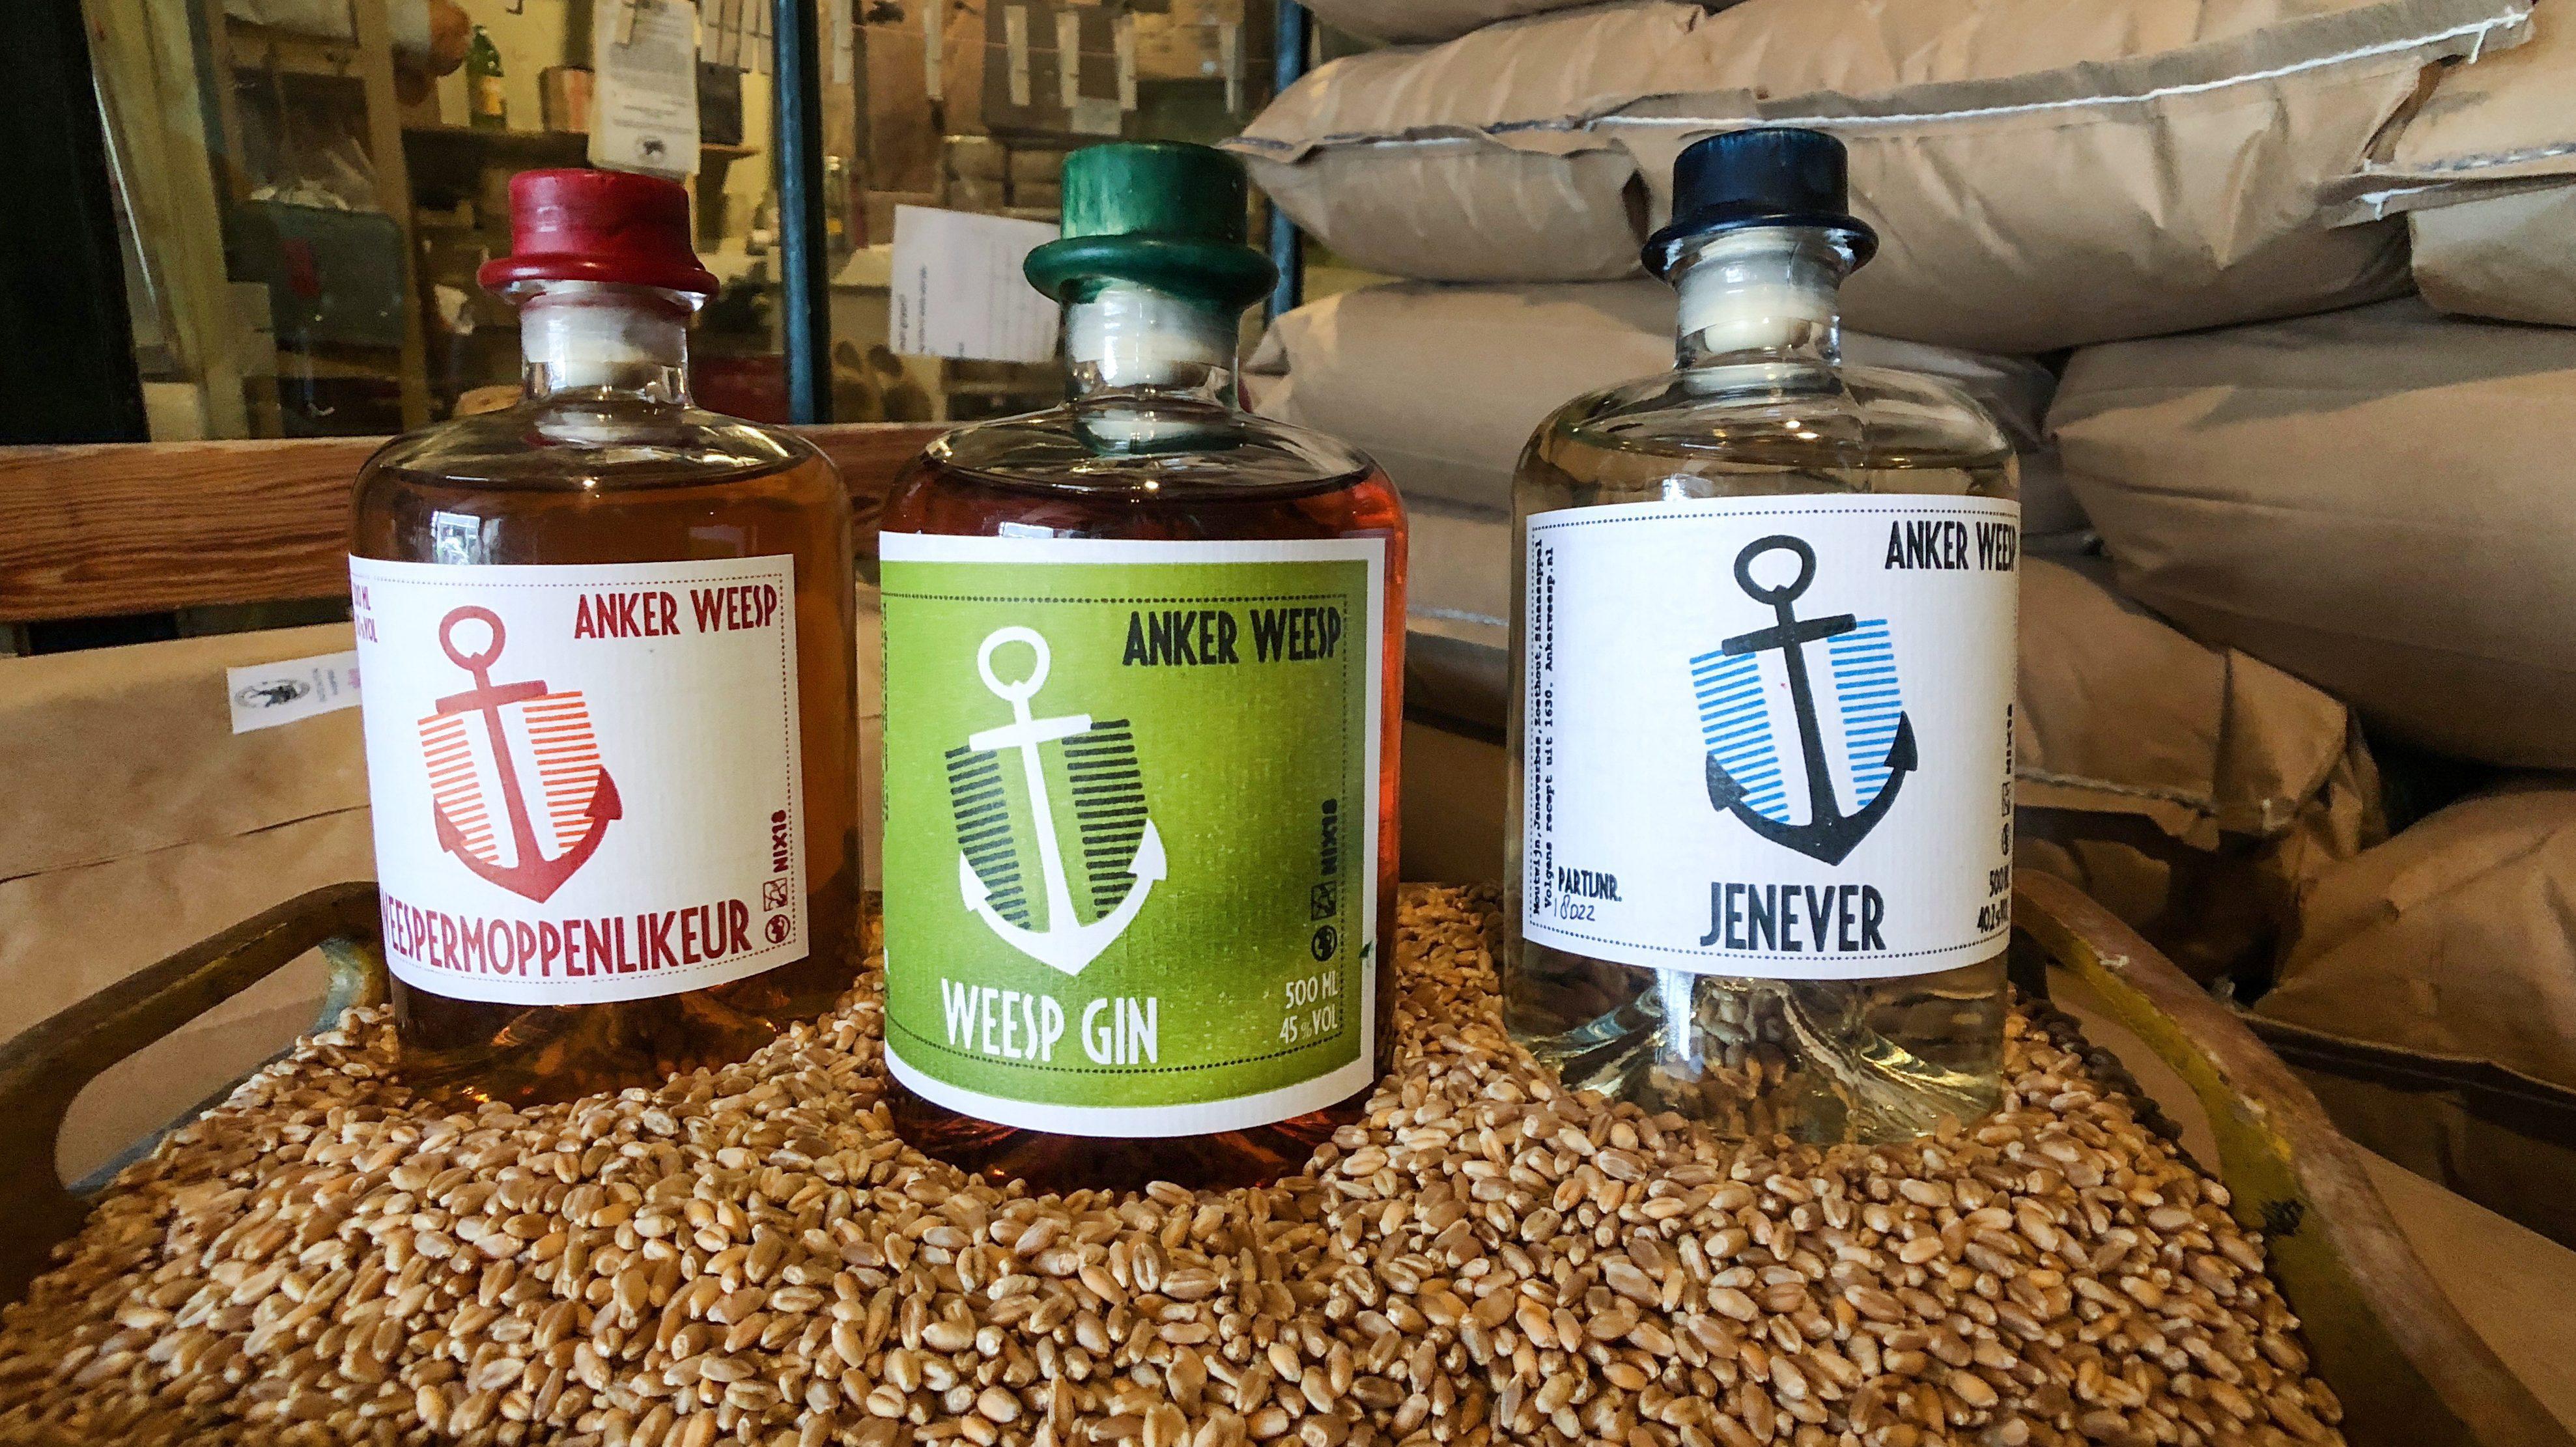 Productfoto stokerij Het Anker. Likeur, gin en jenever